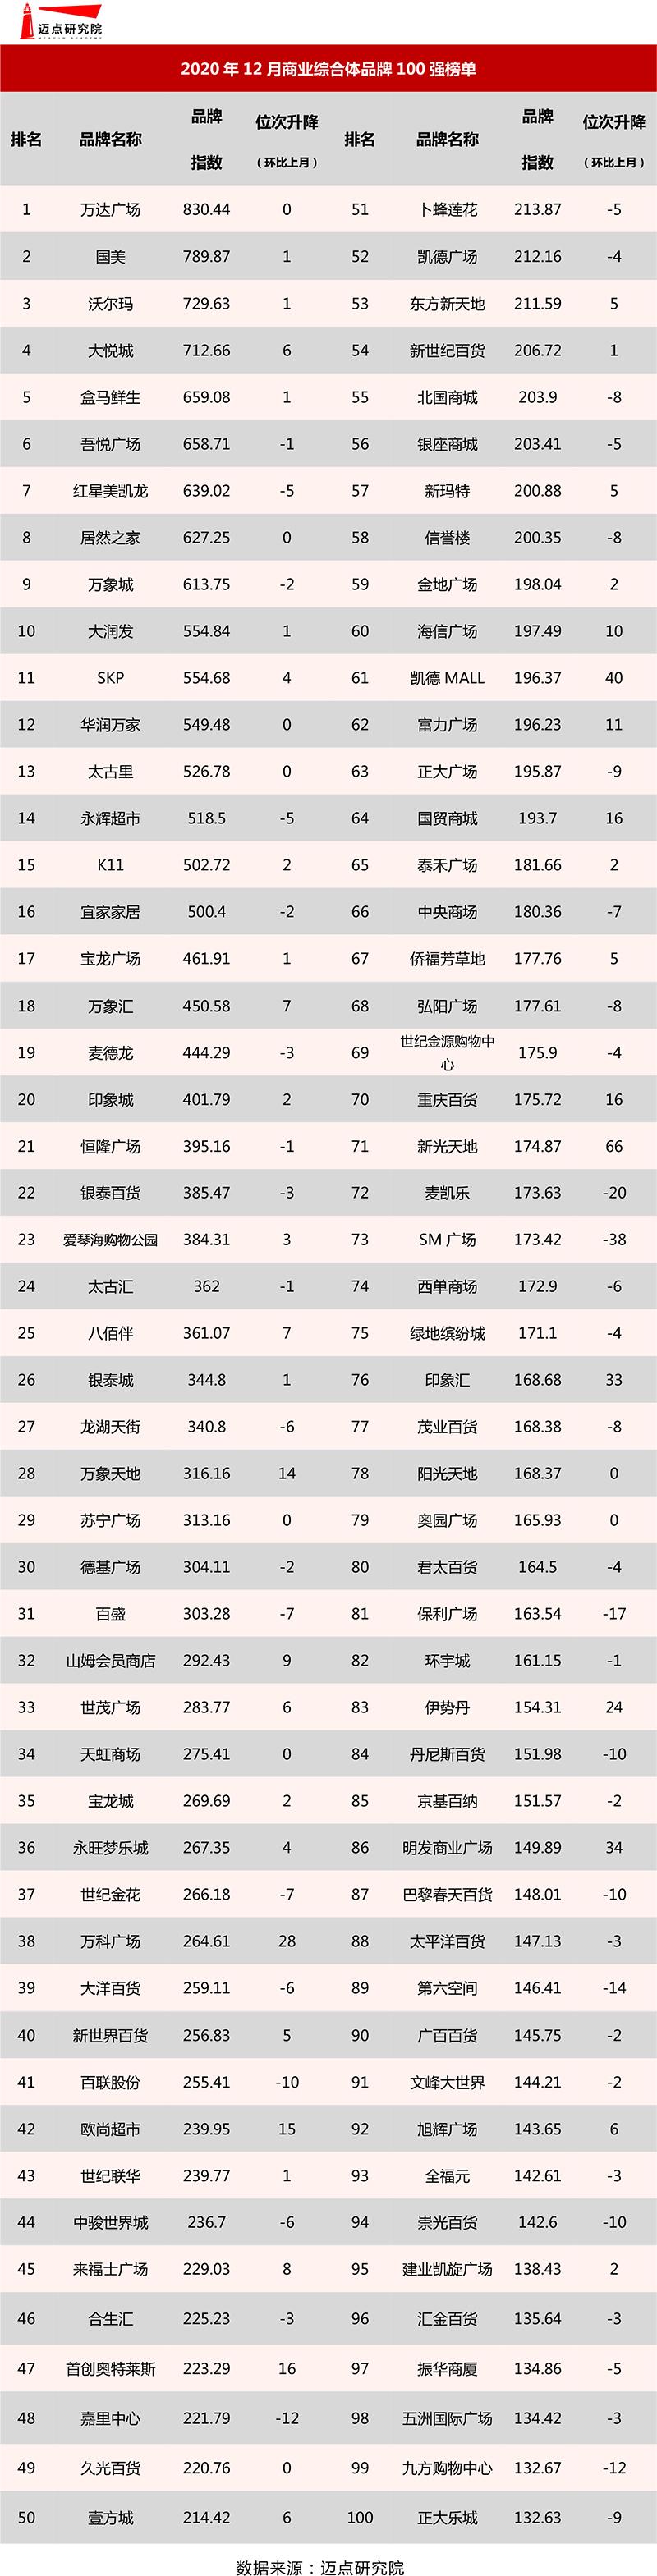 2020年12月商业综合体品牌100强榜单.jpg